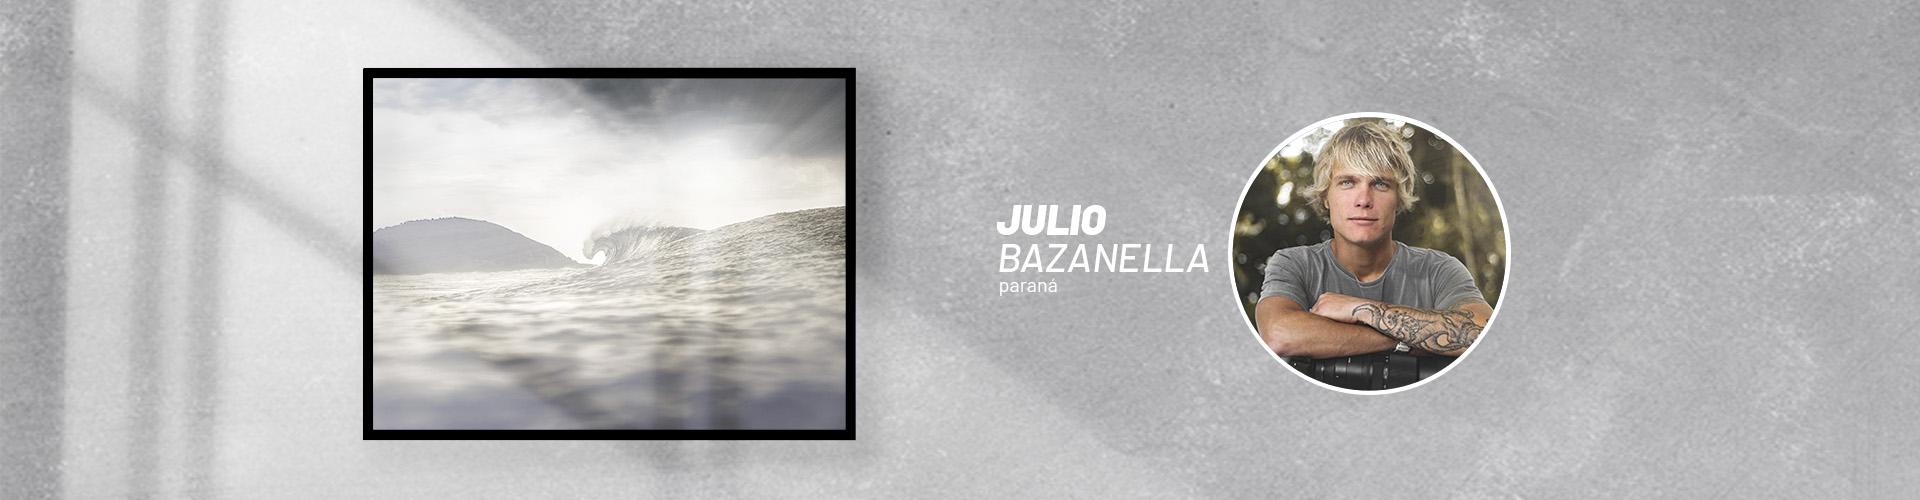 Página Artista   Julio Bazanella